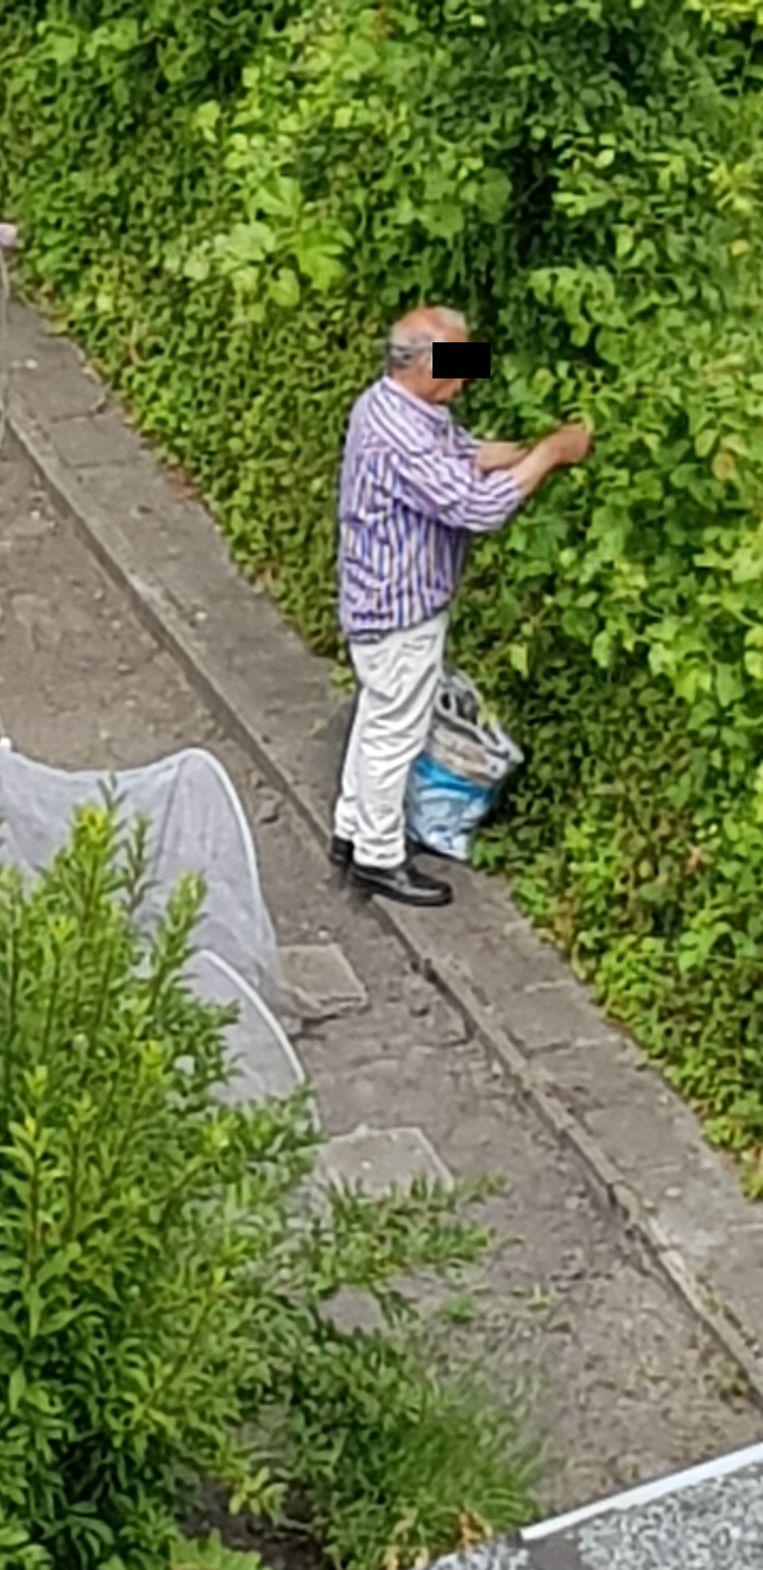 Een buurtbewoner fotografeerde hoe een groep mensen komt plukken in de volkstuintjes zonder toestemming.